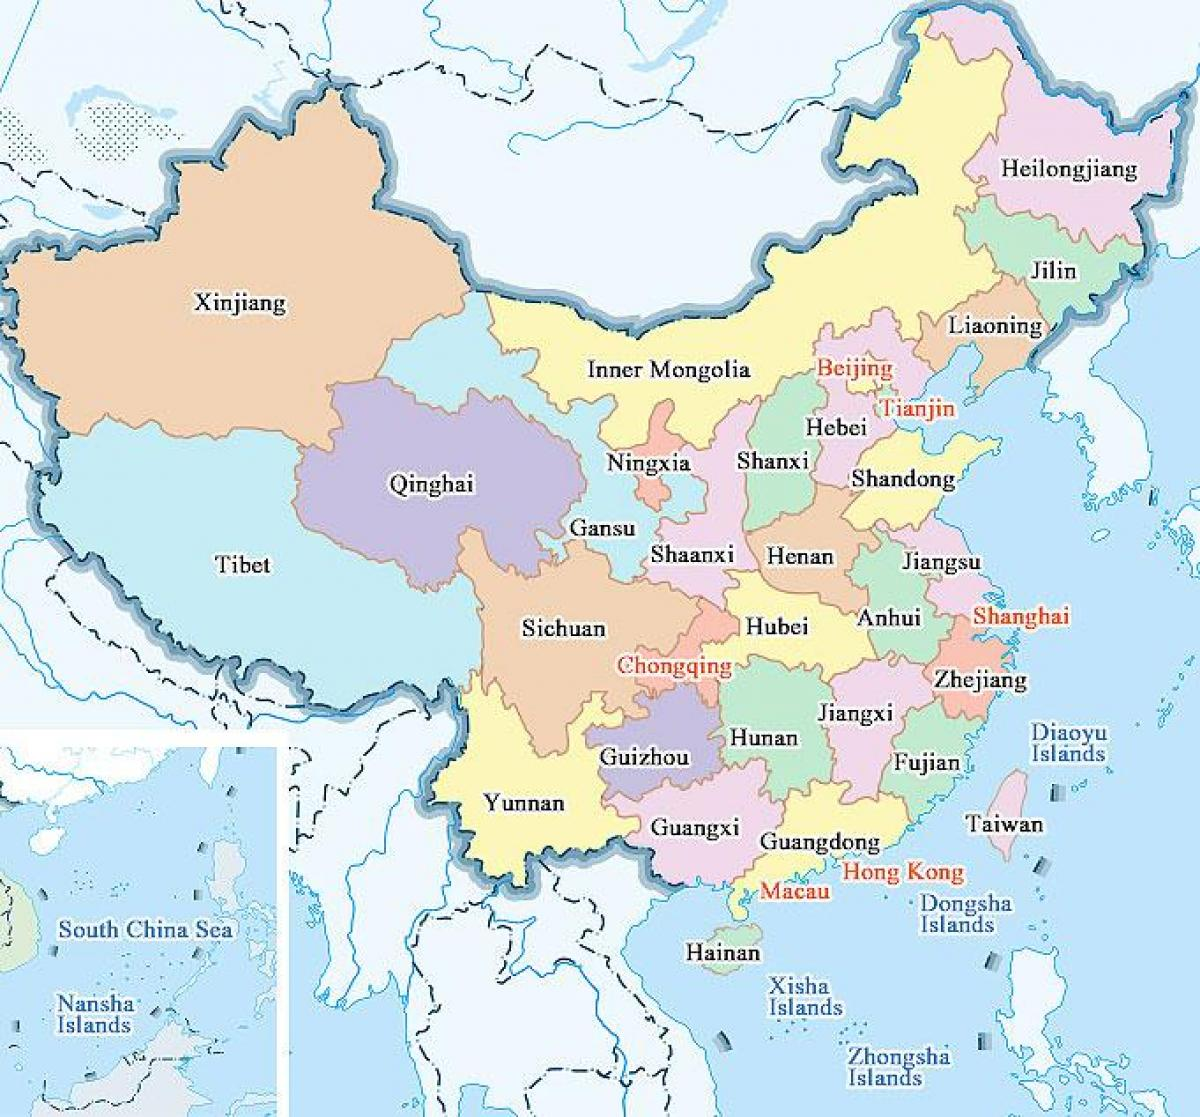 kart kina Kart av Kinas provinser og byer   Kina kart byer og provinser (Øst  kart kina